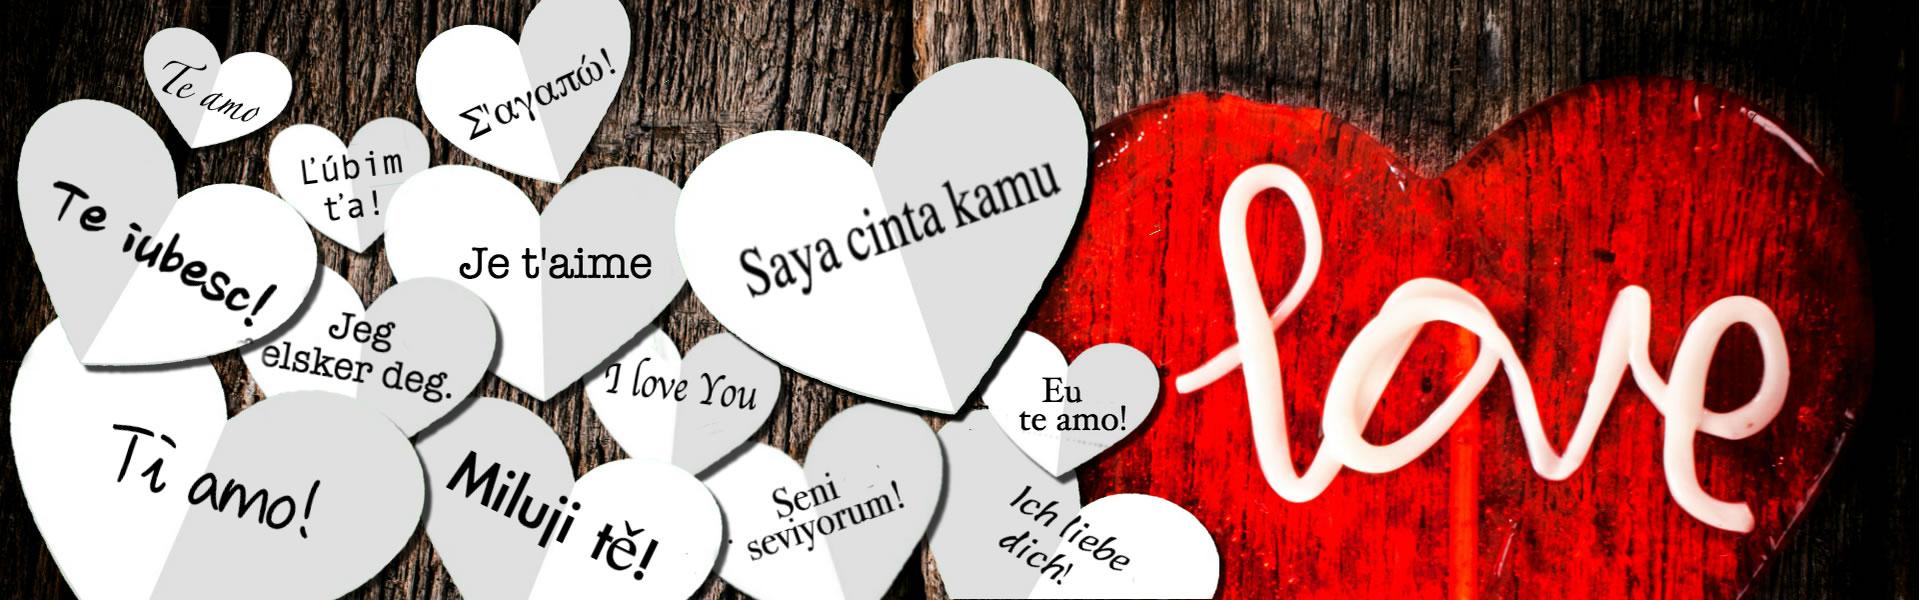 Idee per rendere questo San Valentino speciale